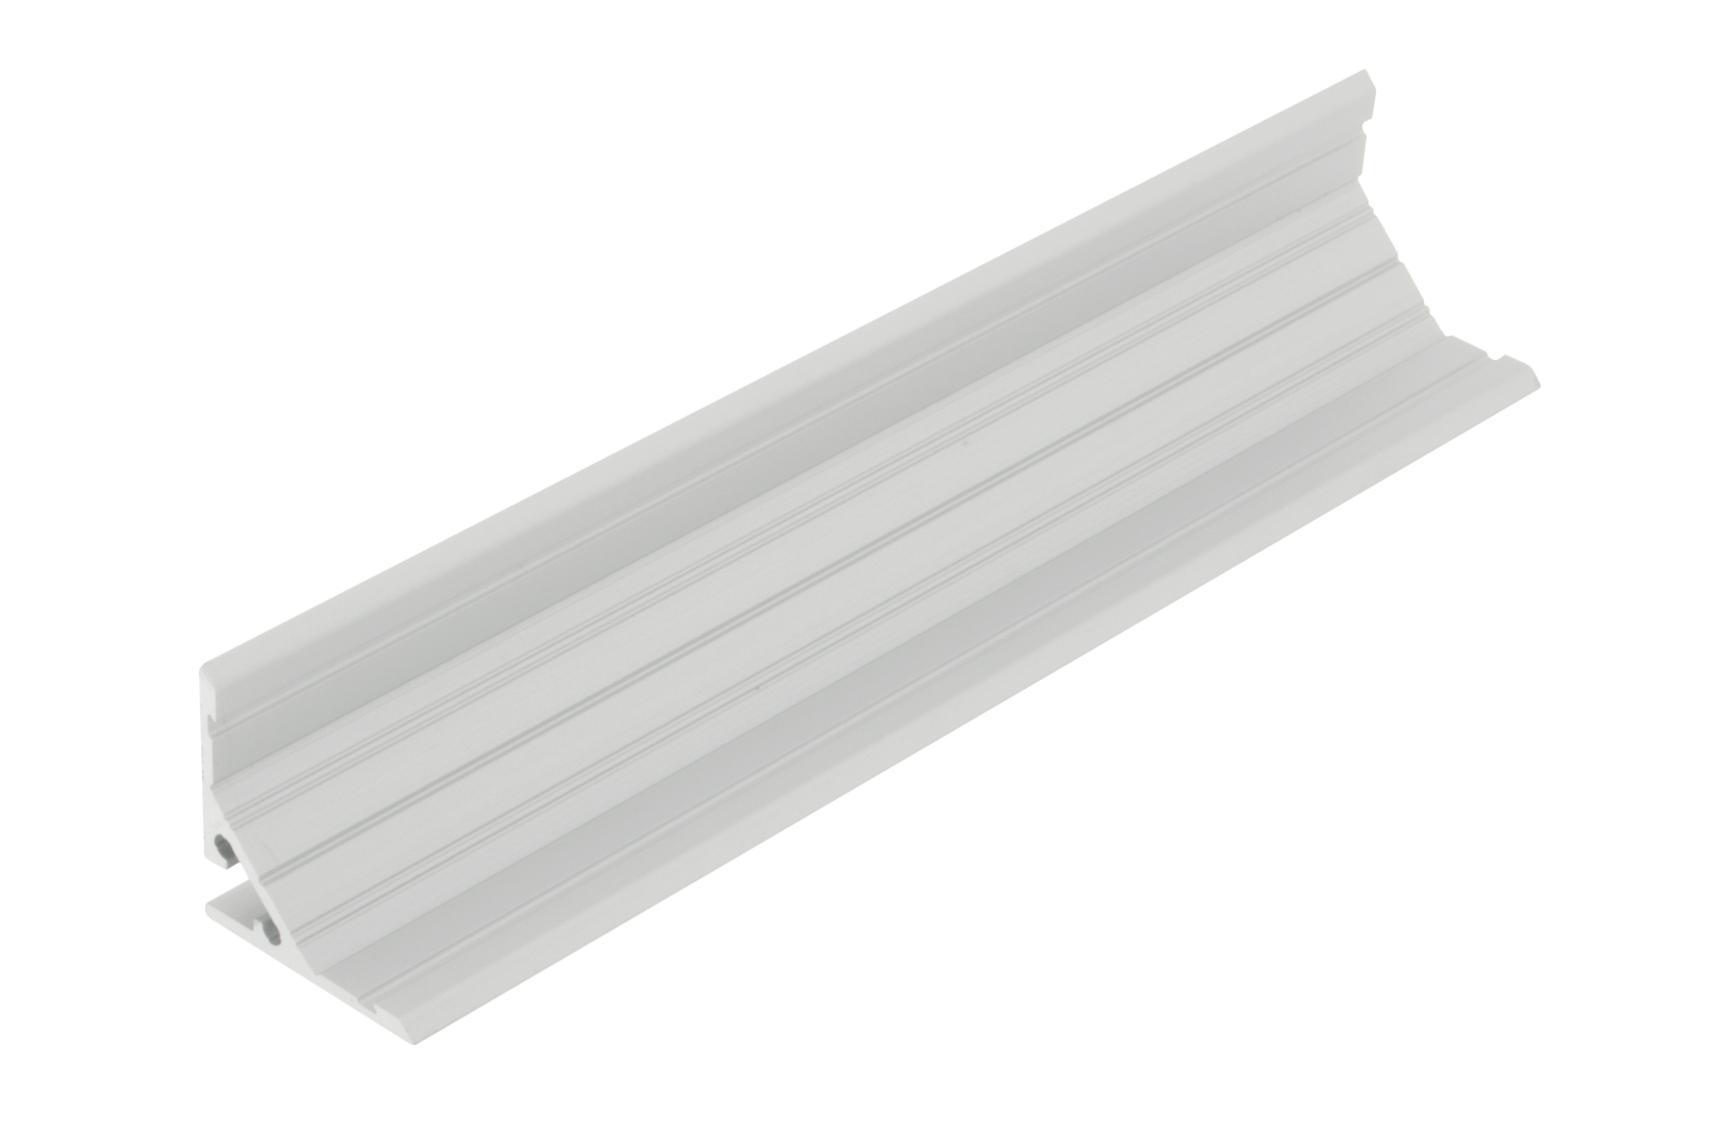 1 m Aluminium Profil SPL 2m LIAP004001